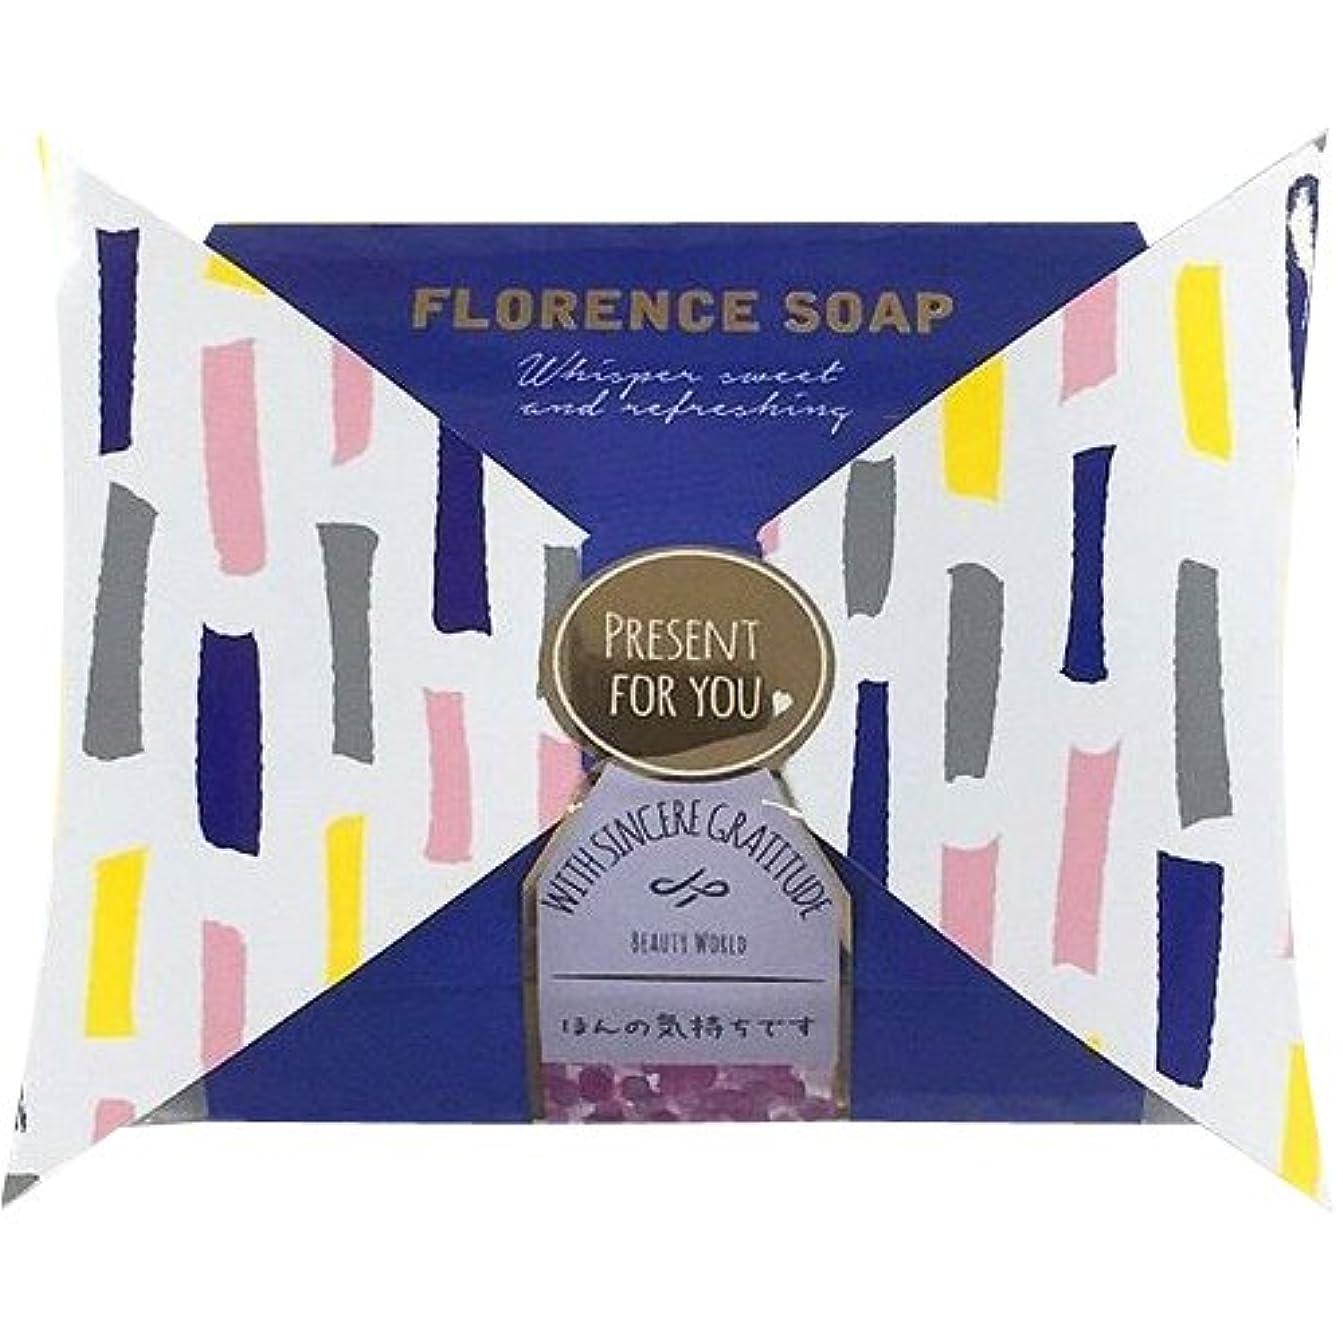 イルスポーツマン納屋BW フローレンスの香り石けん リボンパッケージ FSP385 甘く爽やかなささやき (35g)